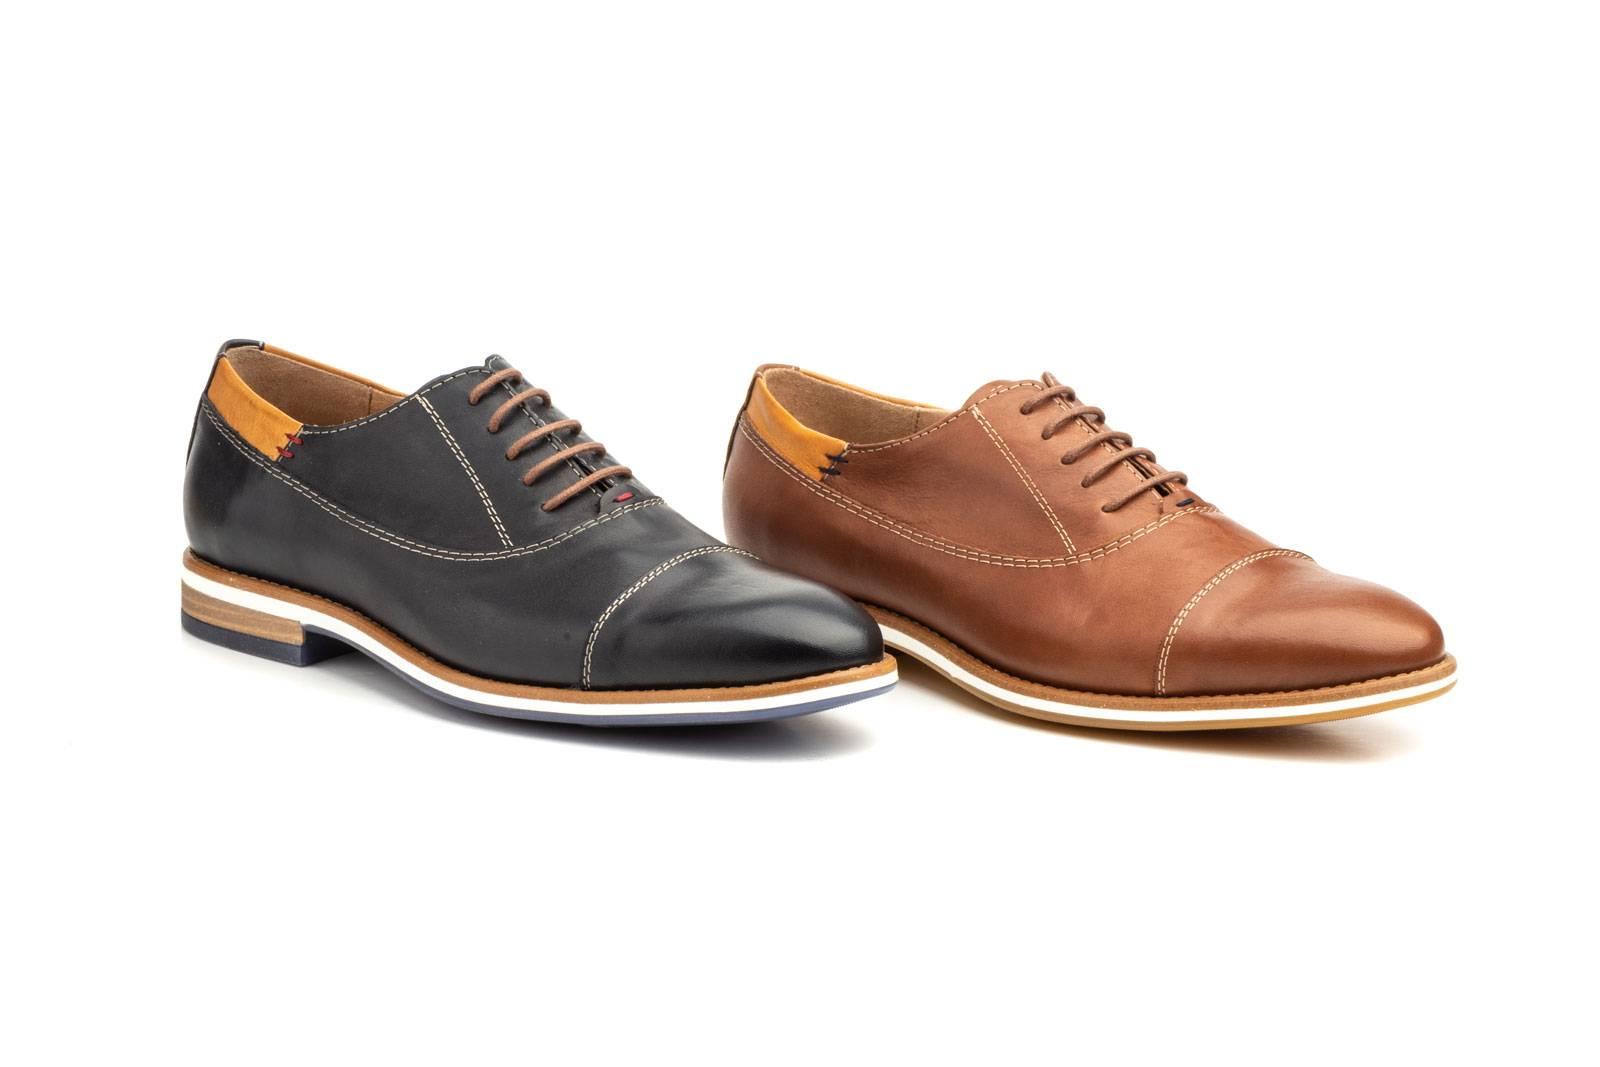 Zapatos Oxford Hombre Piel Napa Cuero Polisander Azul Tinta